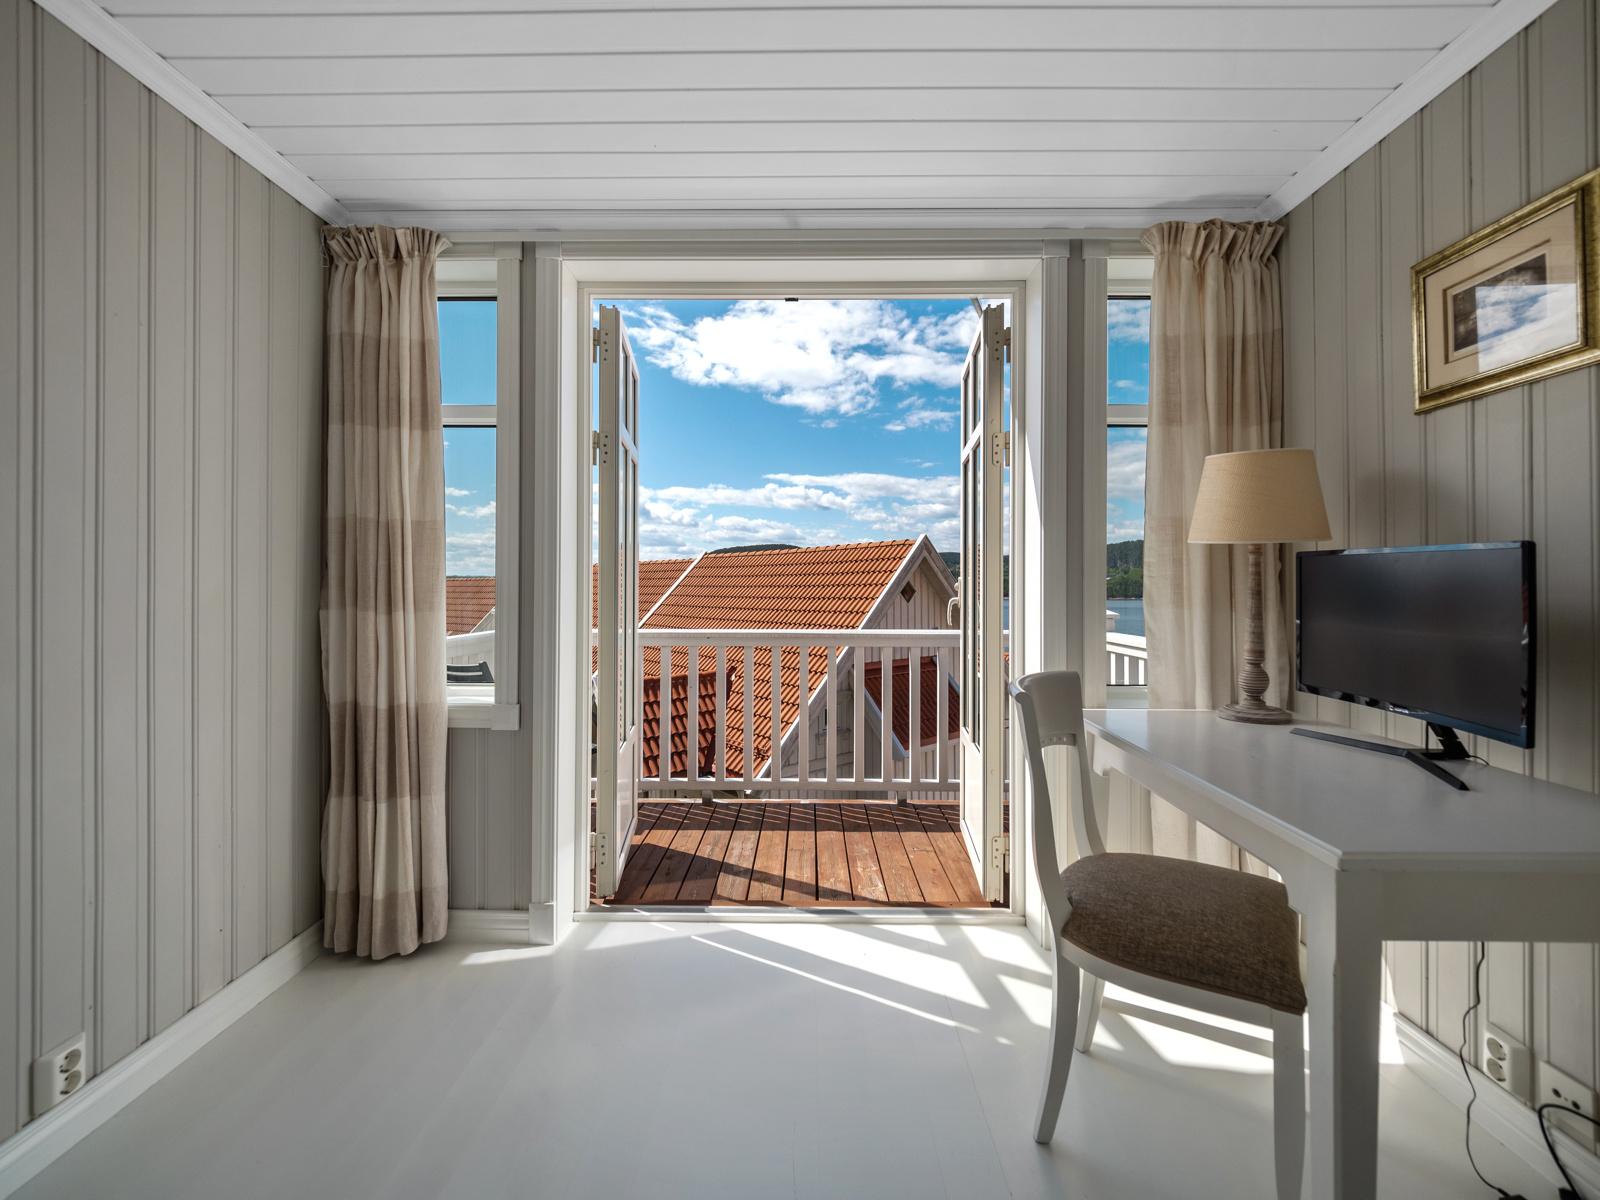 Fra 2. etasje er det utgang til balkong med gode sol- og utsiktsforhold